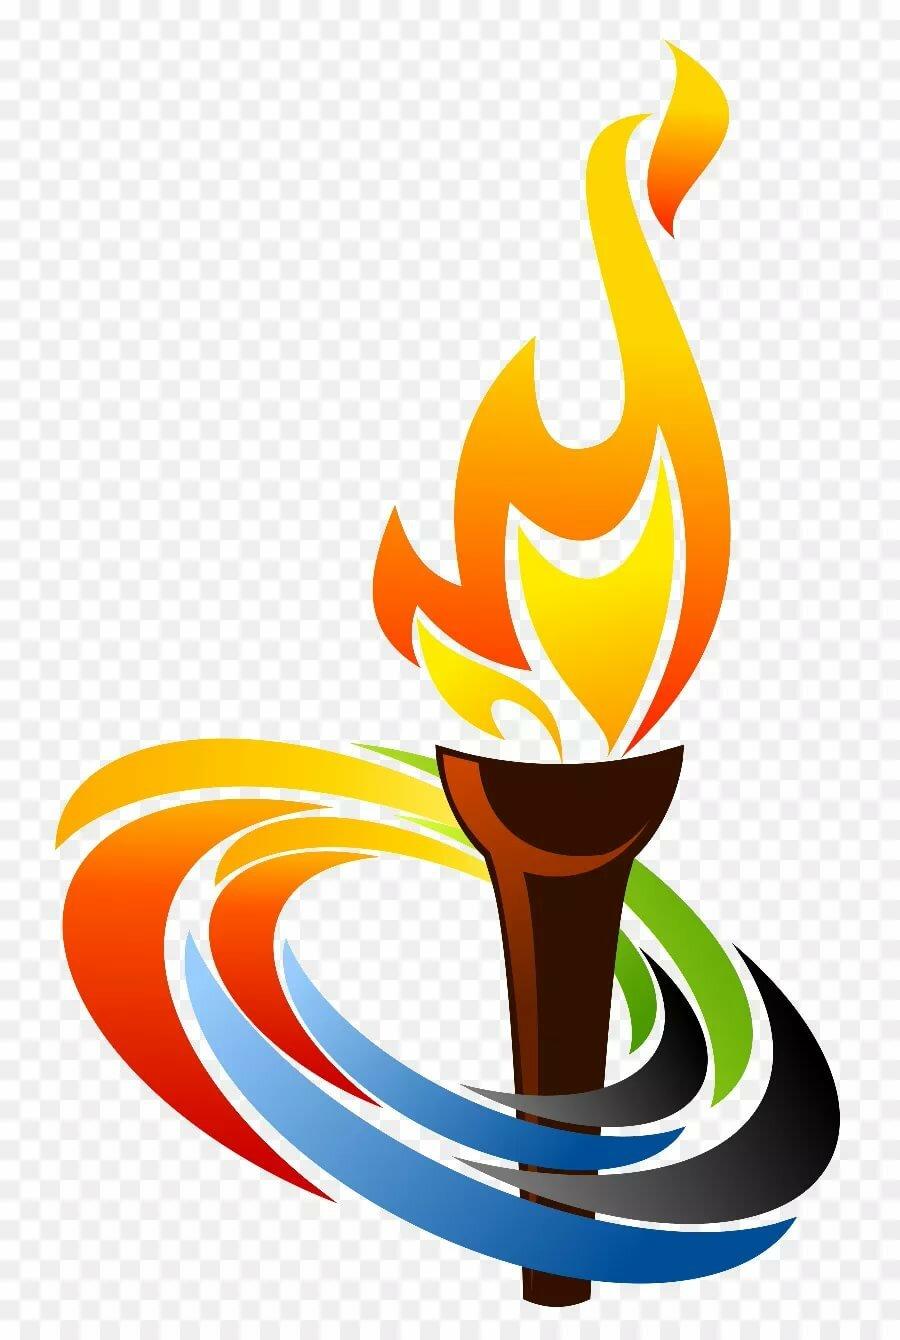 Картинки олимпийского огня и колец